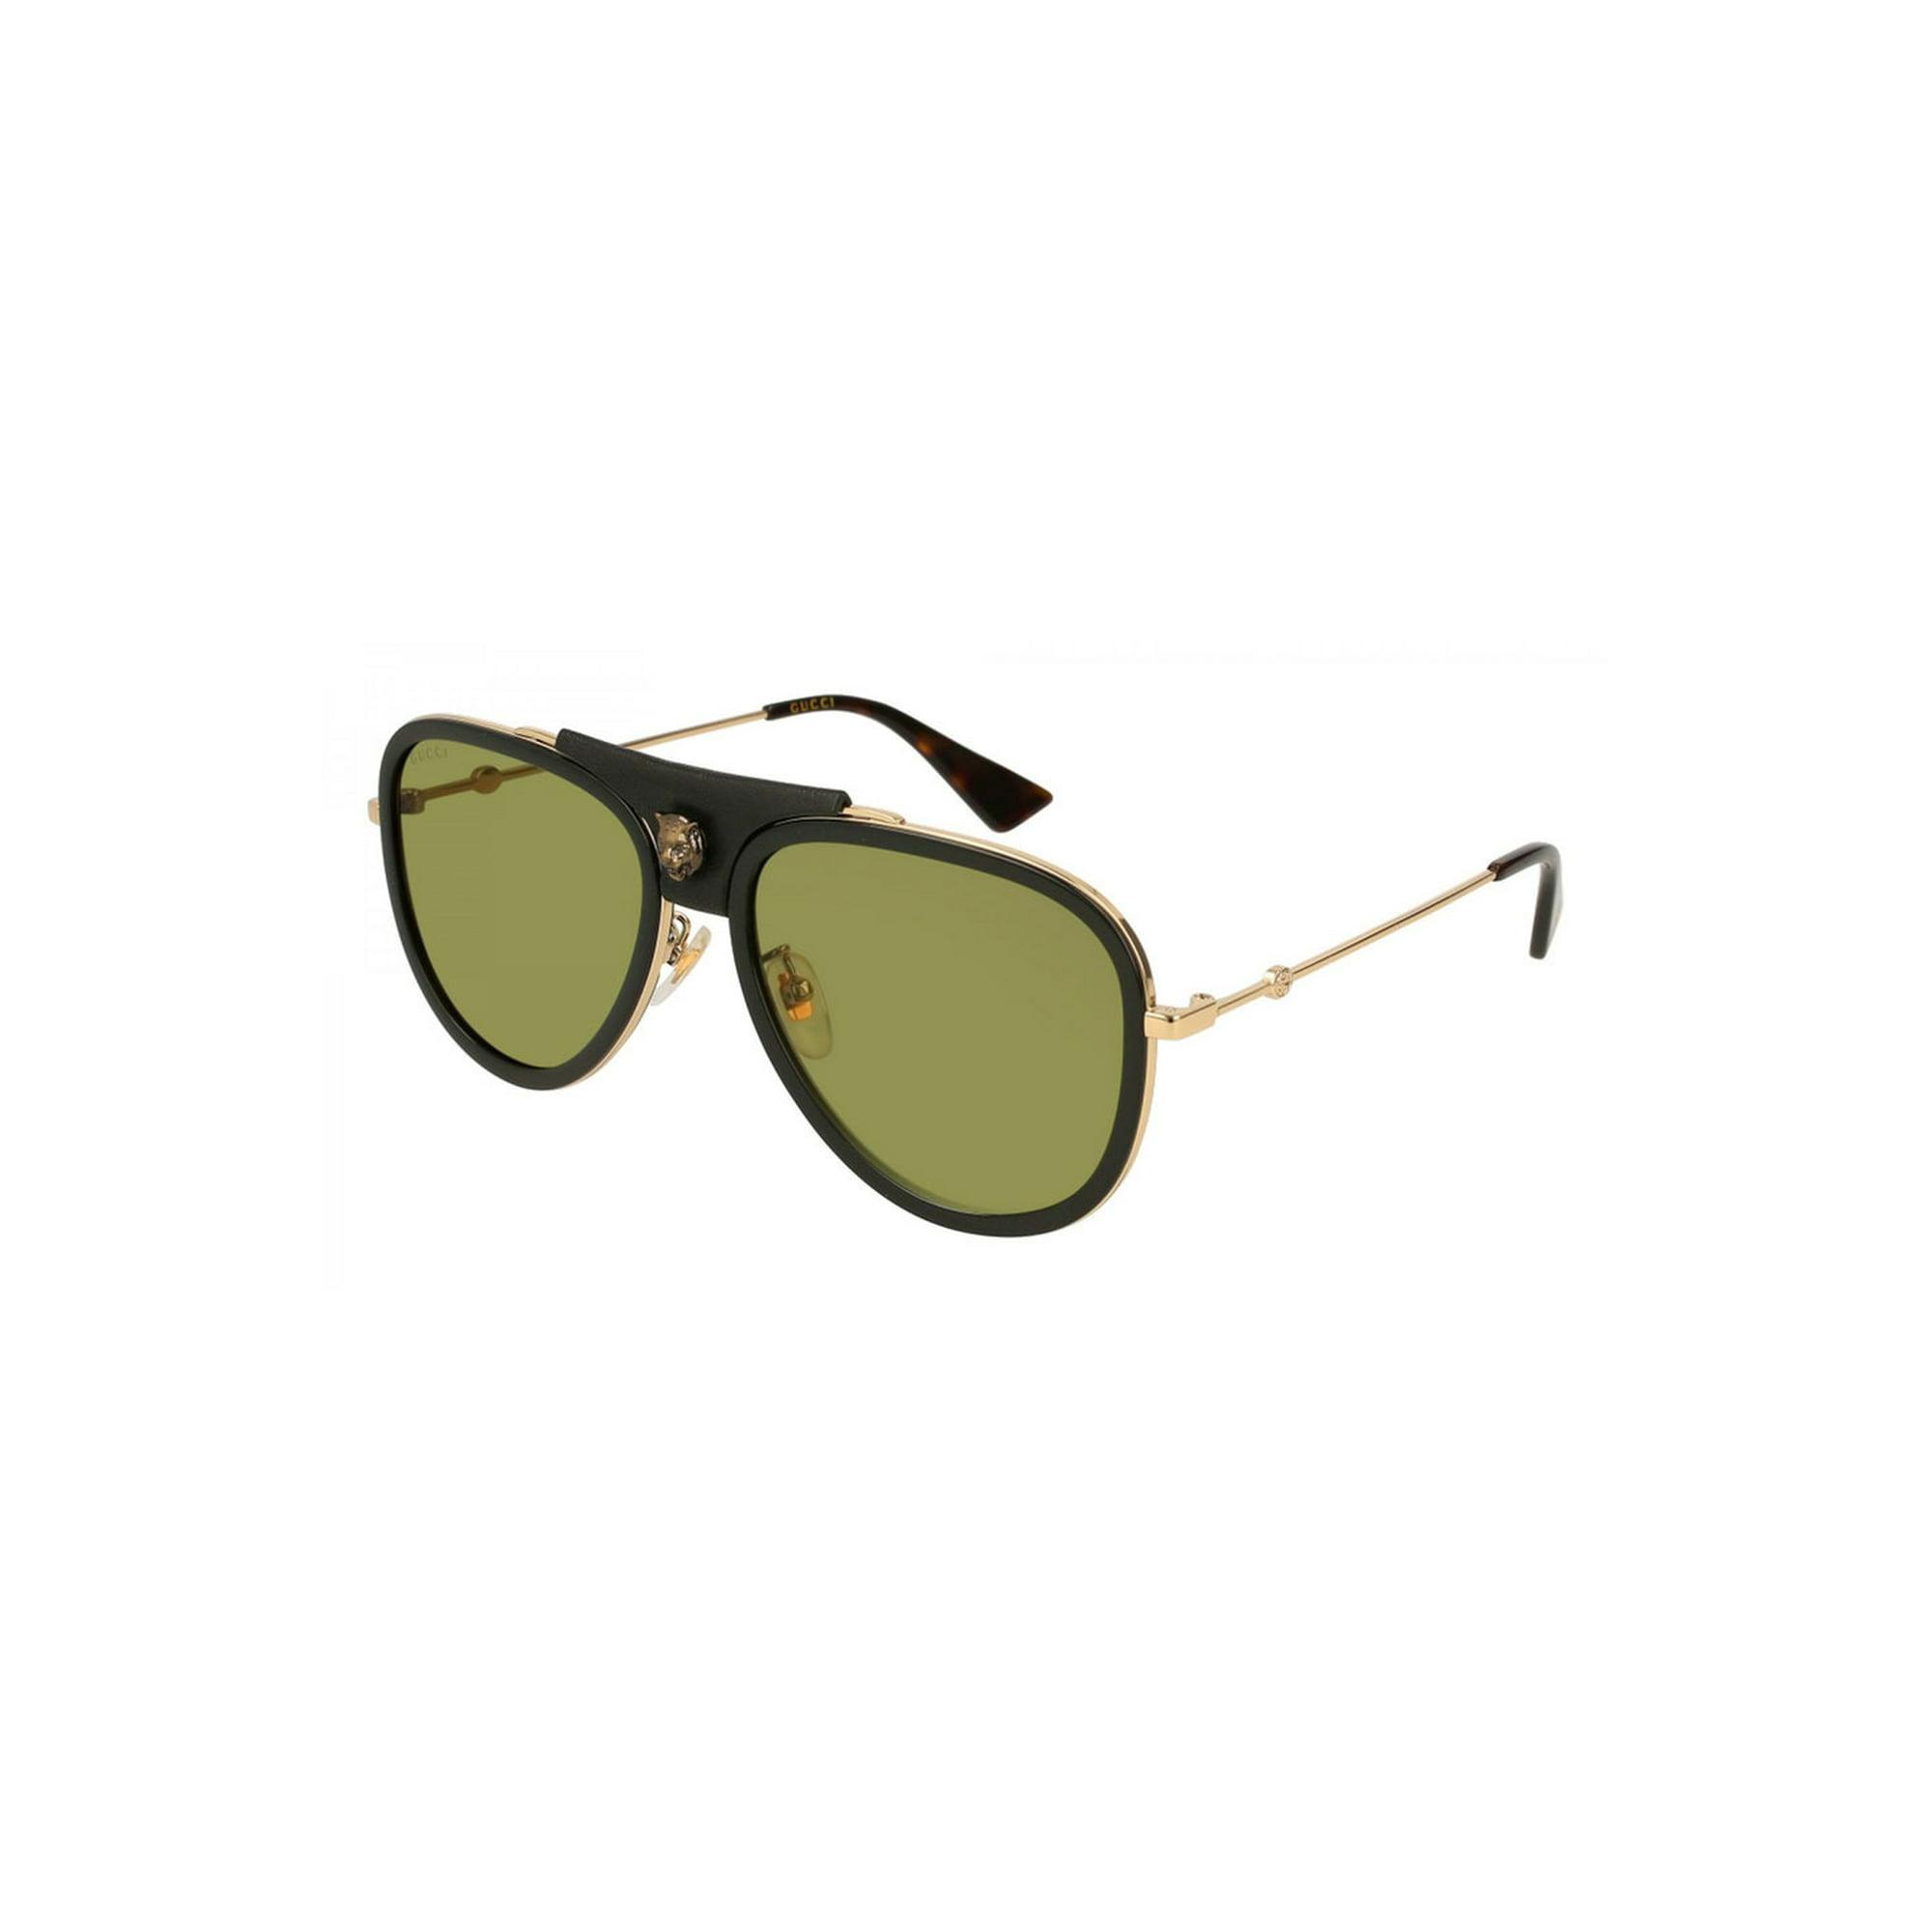 fcce6ad3ba8d5 Gucci Sunglasses Gg 0062 S- 014 Gold Green